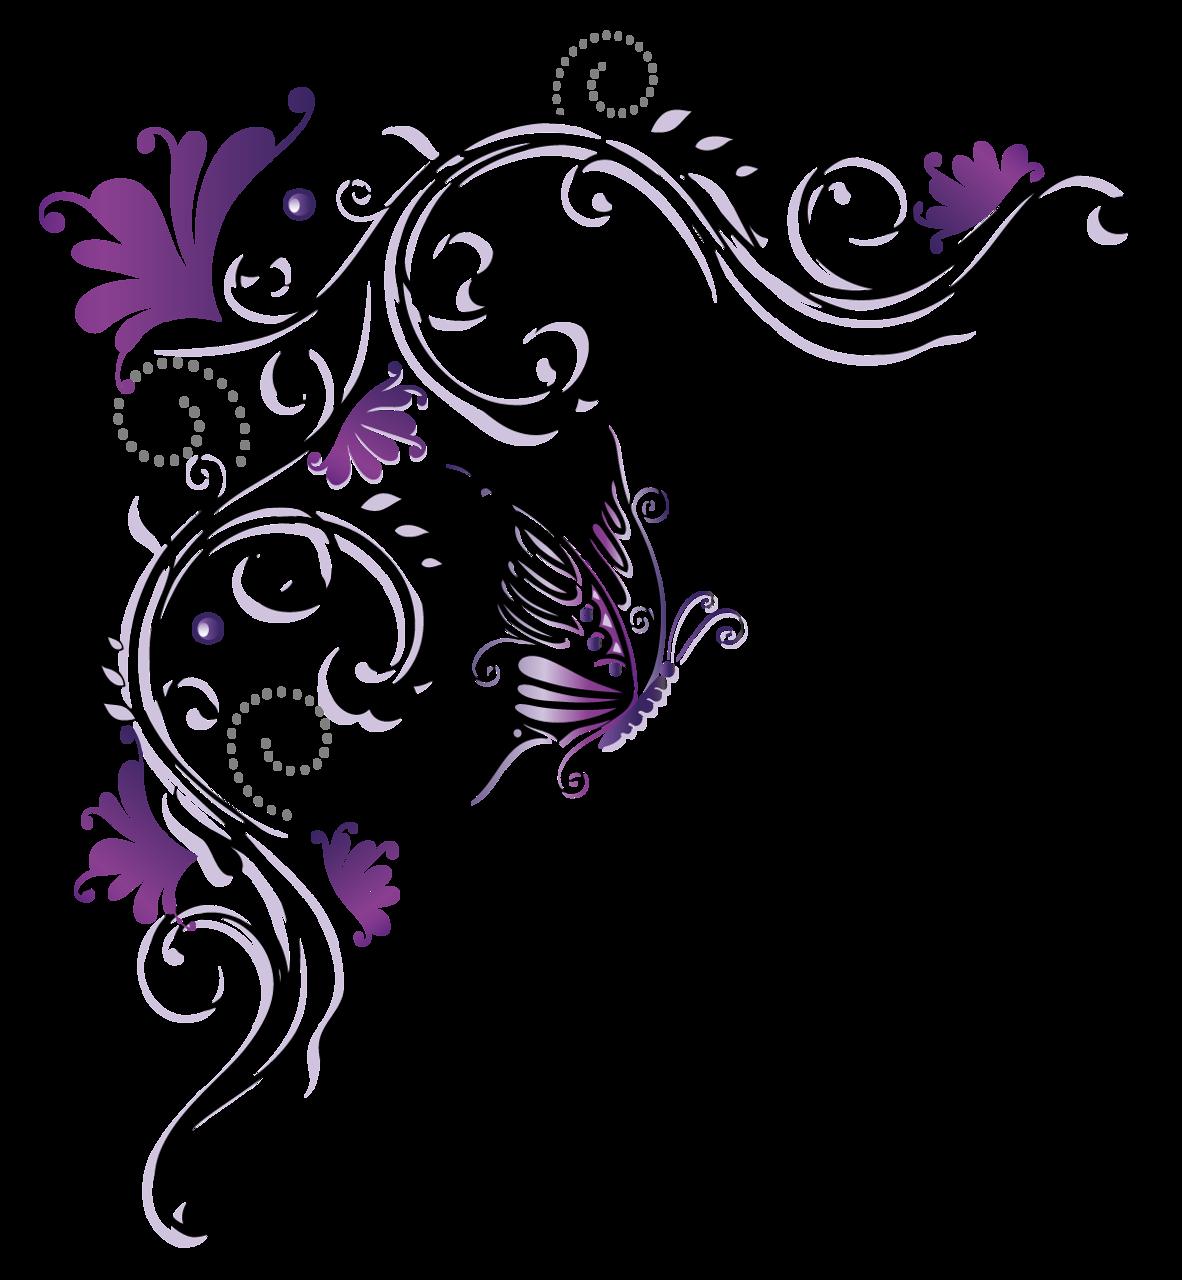 Butterfly 367   Узоры рисунков хной, Цветочные рисунки ...